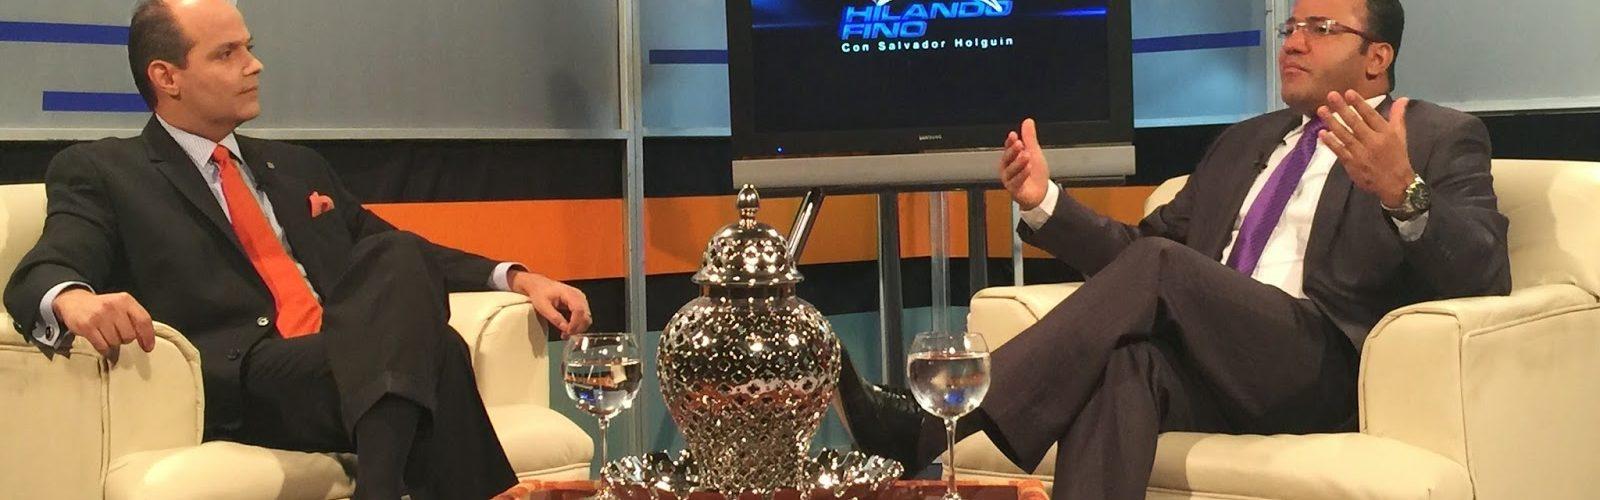 """Salvador Holguin: """"El unico error de Ramfis Trujillo es este que le puede costar la presidencia"""""""